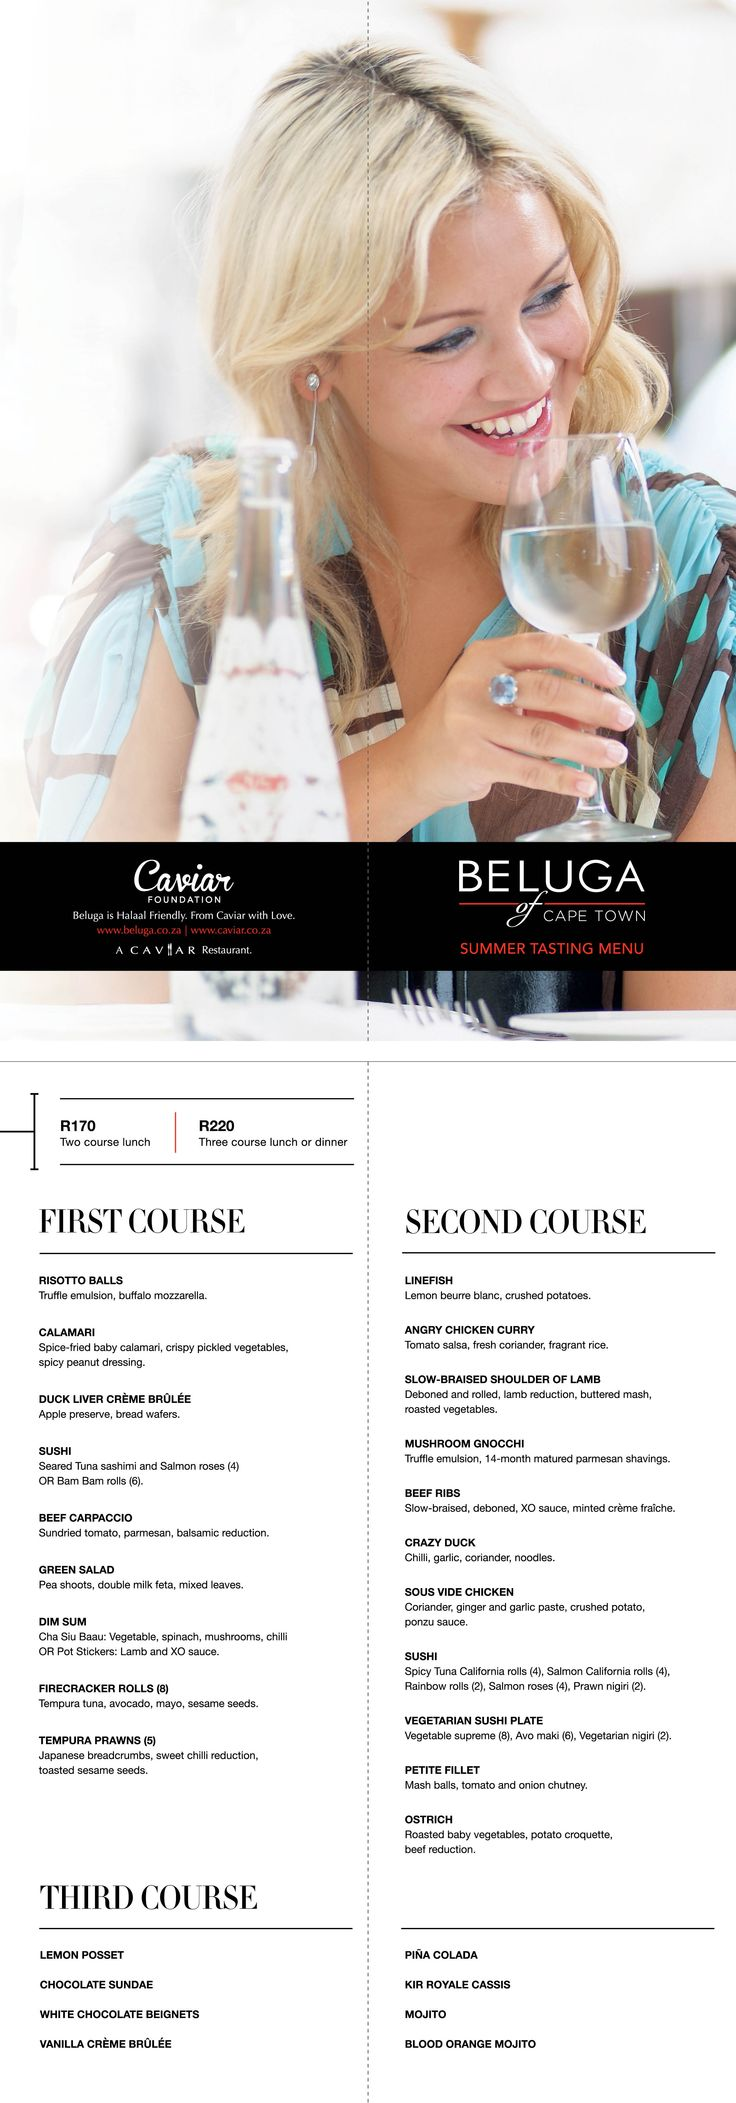 Beluga Cape Town Summer Tasting Menu 2015